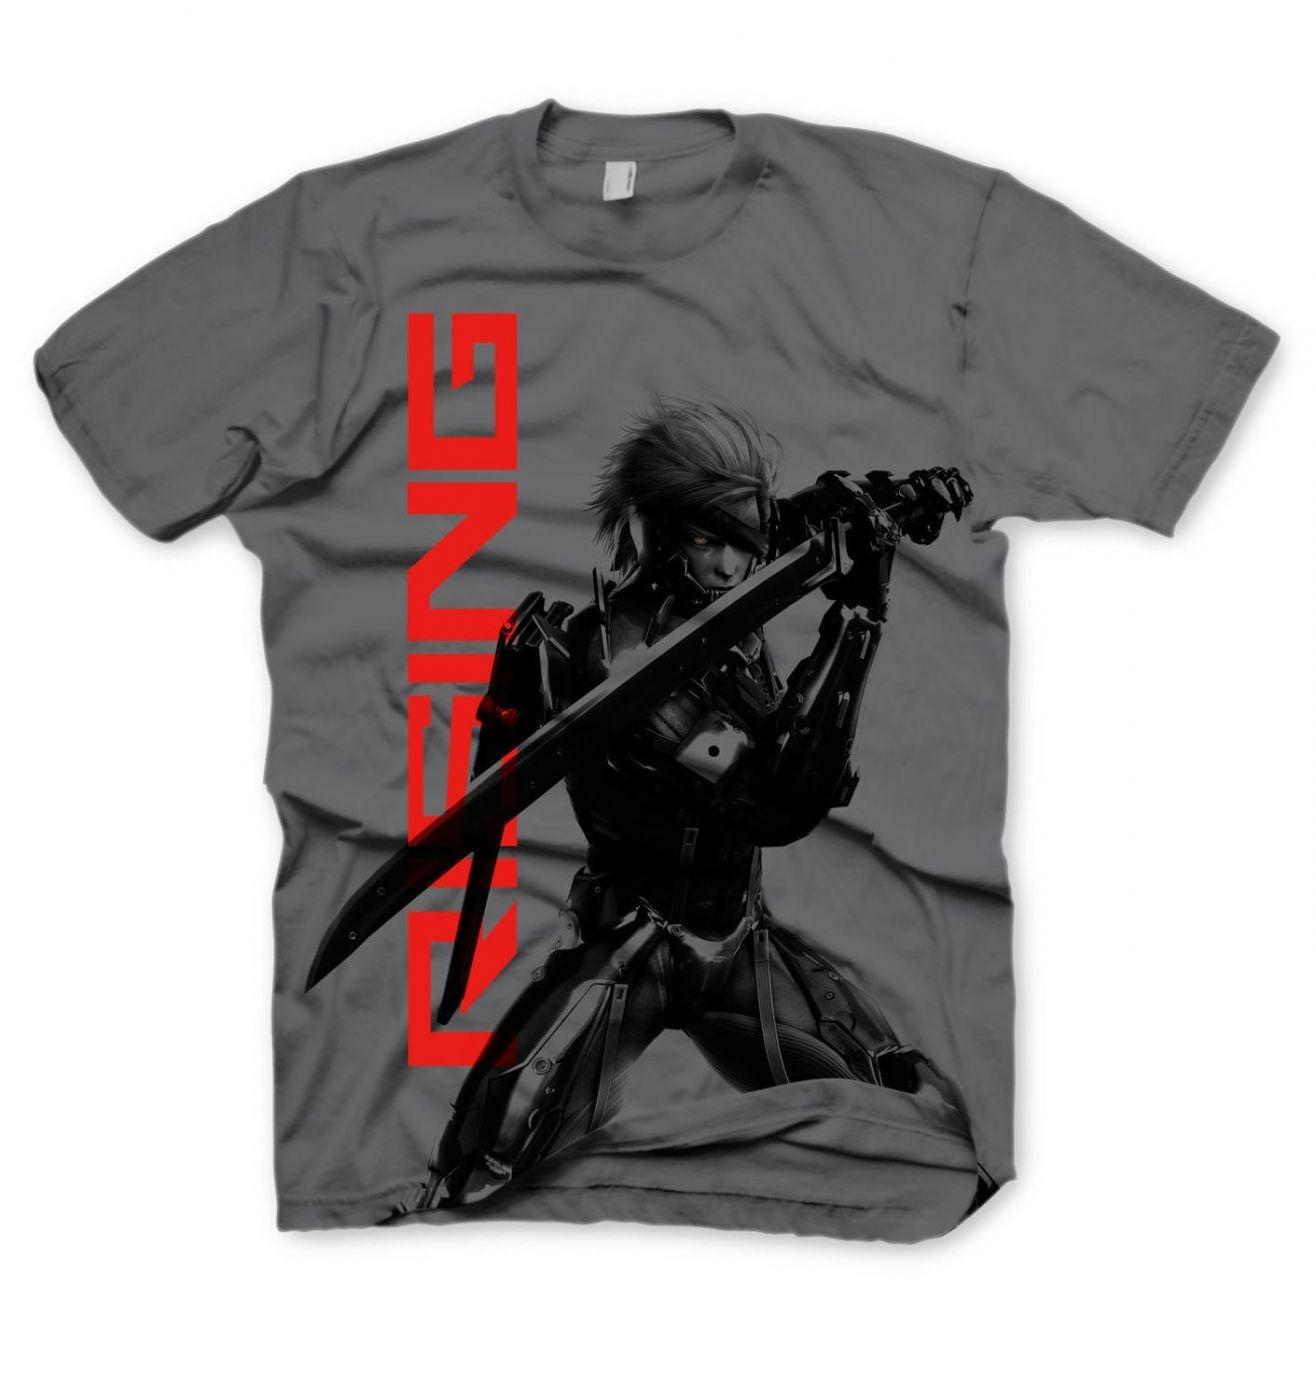 Metal Gear Rising Raiden t-shirt - OFFICIAL